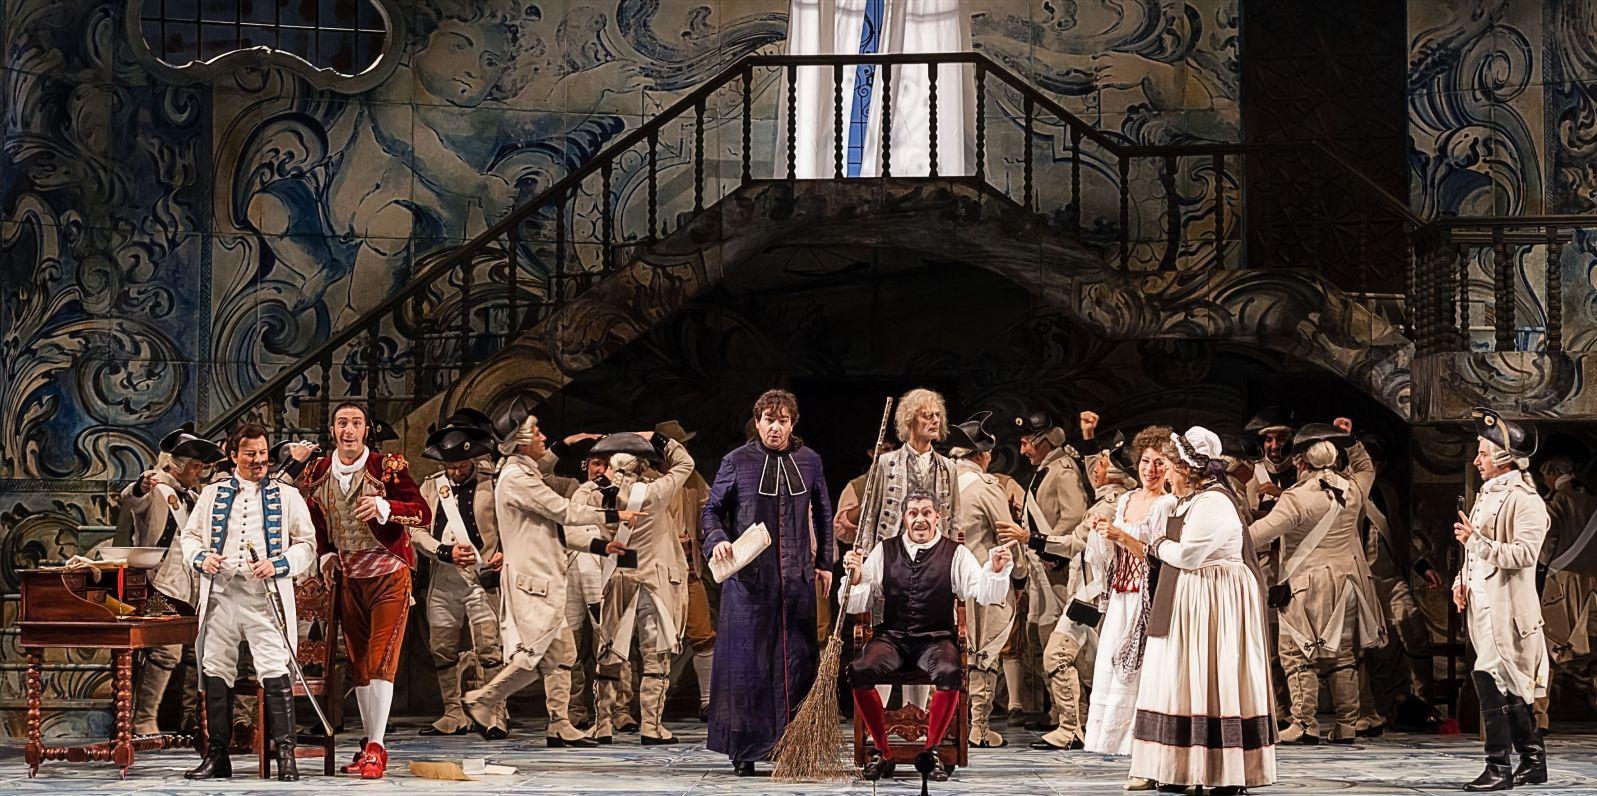 Teatro Regio di Torino: Il Barbiere di Siviglia, una scena dello spettacolo